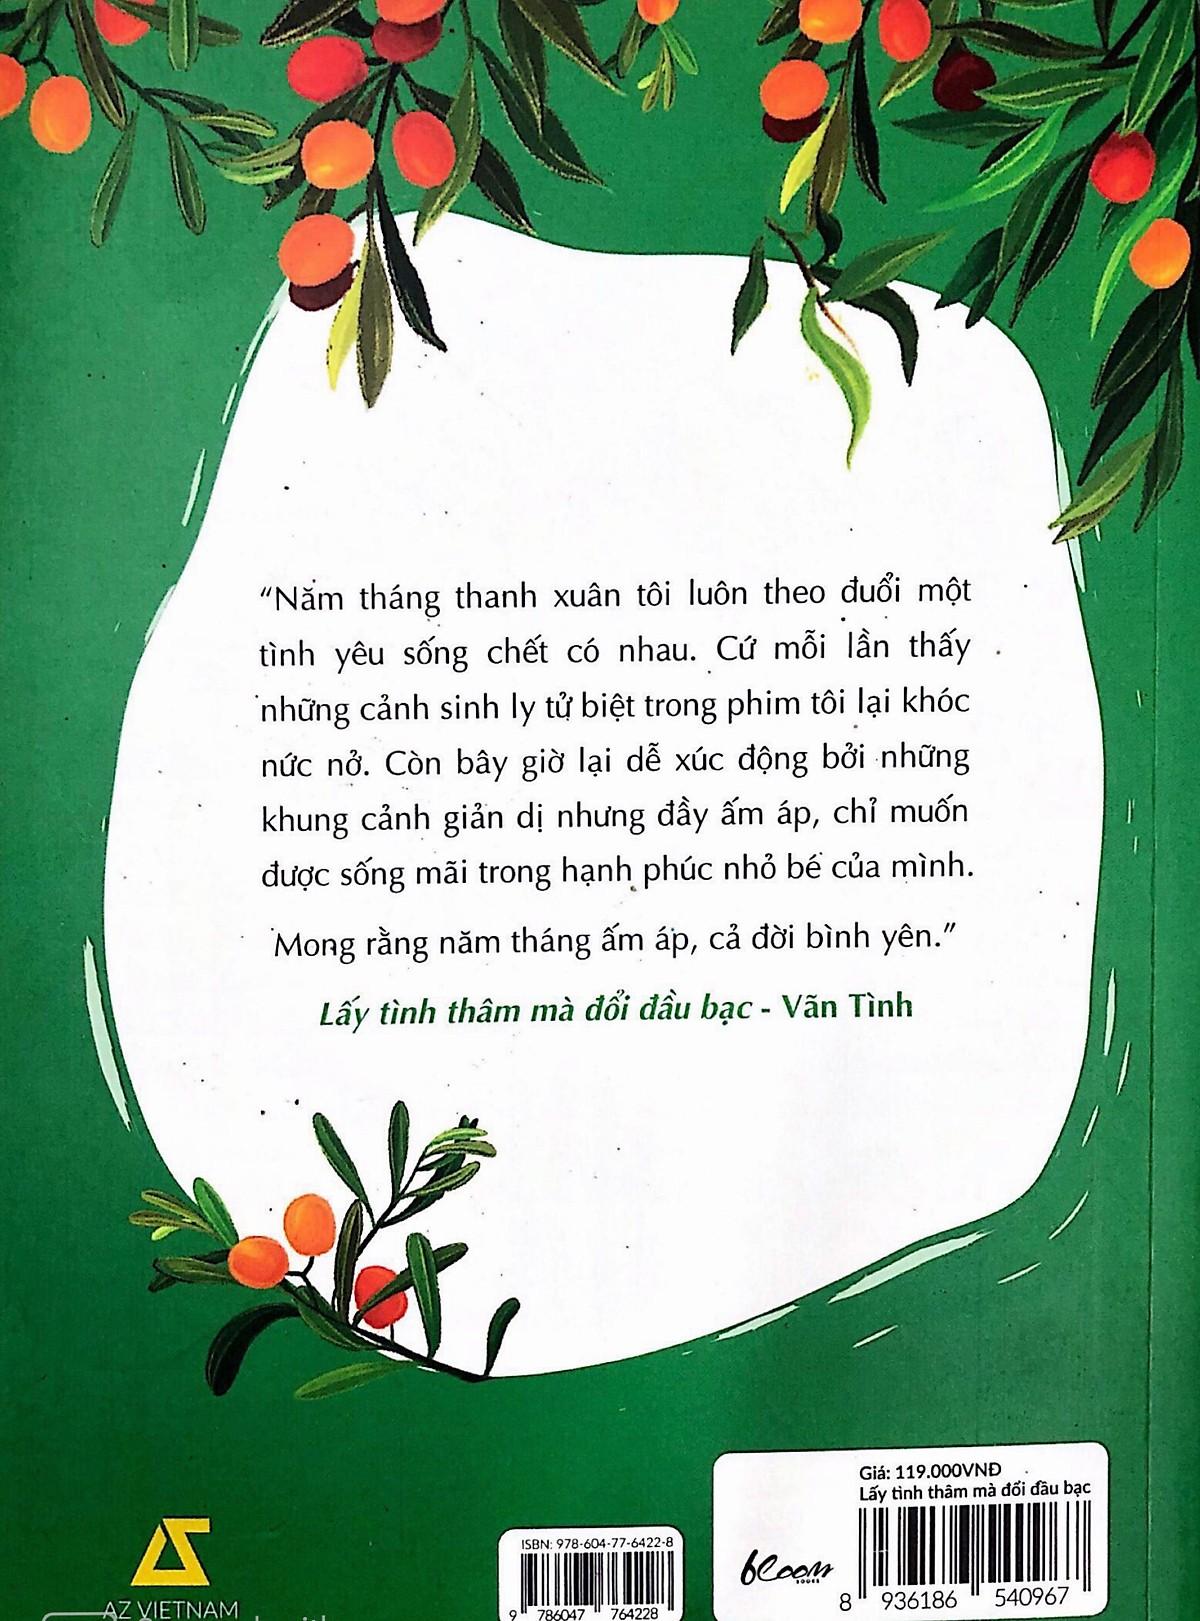 Sách Kỹ Năng Sống Hạnh Phúc , Bí Quyết Giữ Lửa Tình Yêu : Lấy Tình Thâm Mà Đổi Đầu Bạc (Sách Tuổi Trẻ Dành Cho Quý Cô Đắt Giá Khí Chất / Vãn Tình )